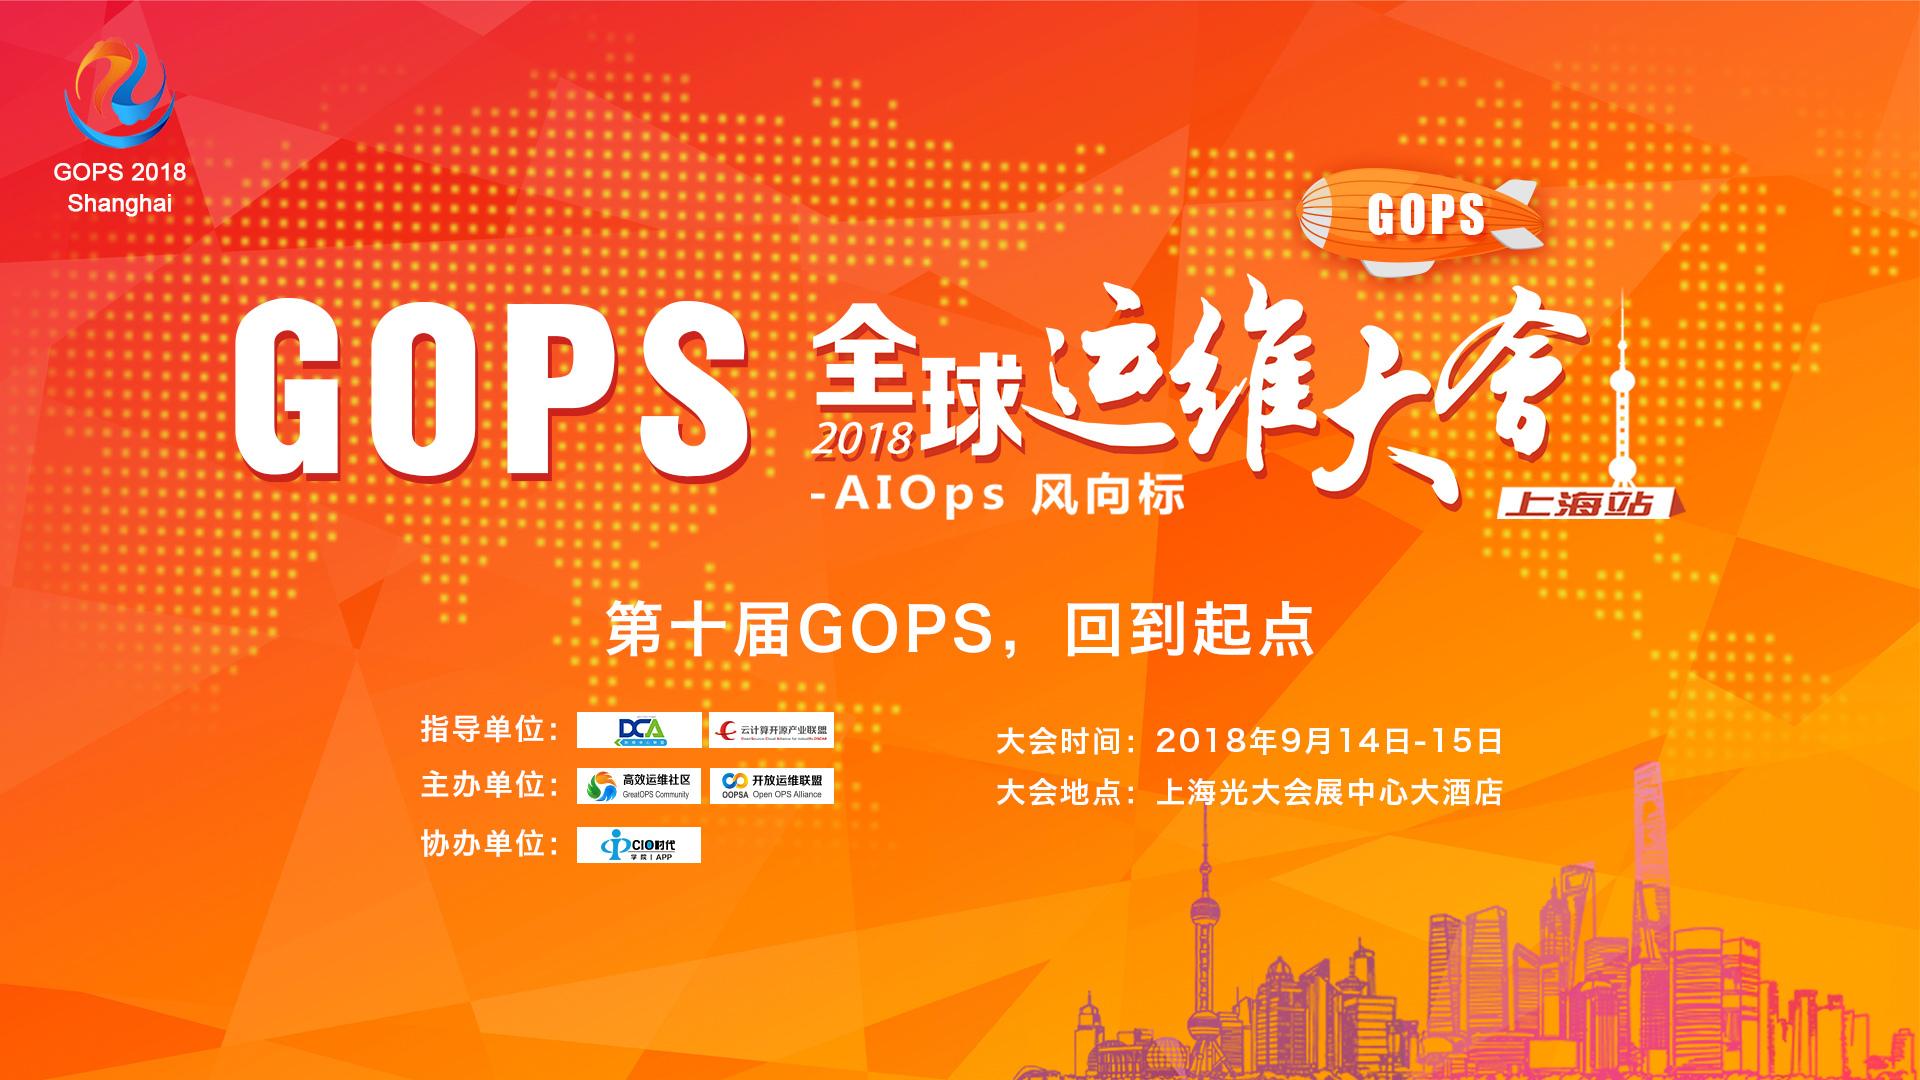 GOPS 全球运维大会2018 上海站